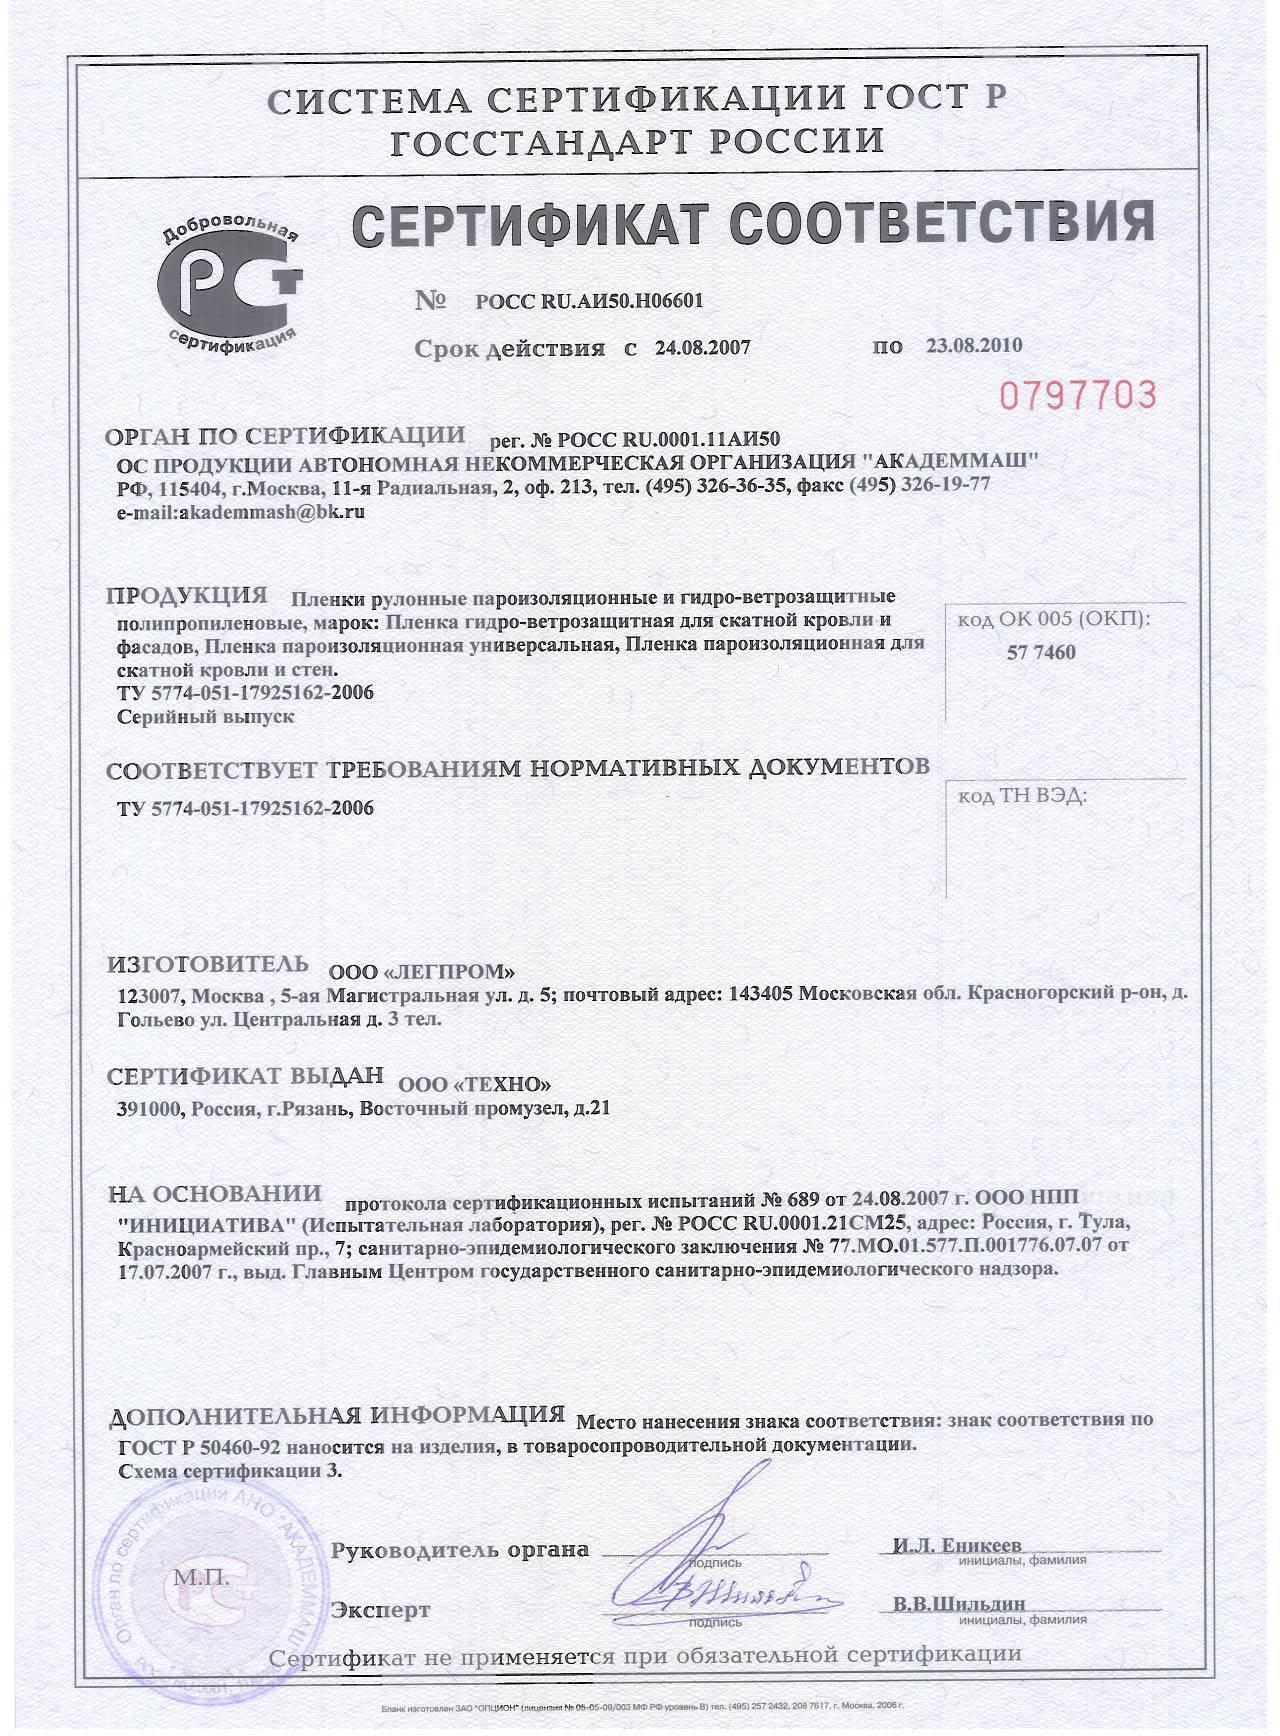 Праймер битумный: расход и применение на на 1м2, сертификат соответствия, описание, свойства